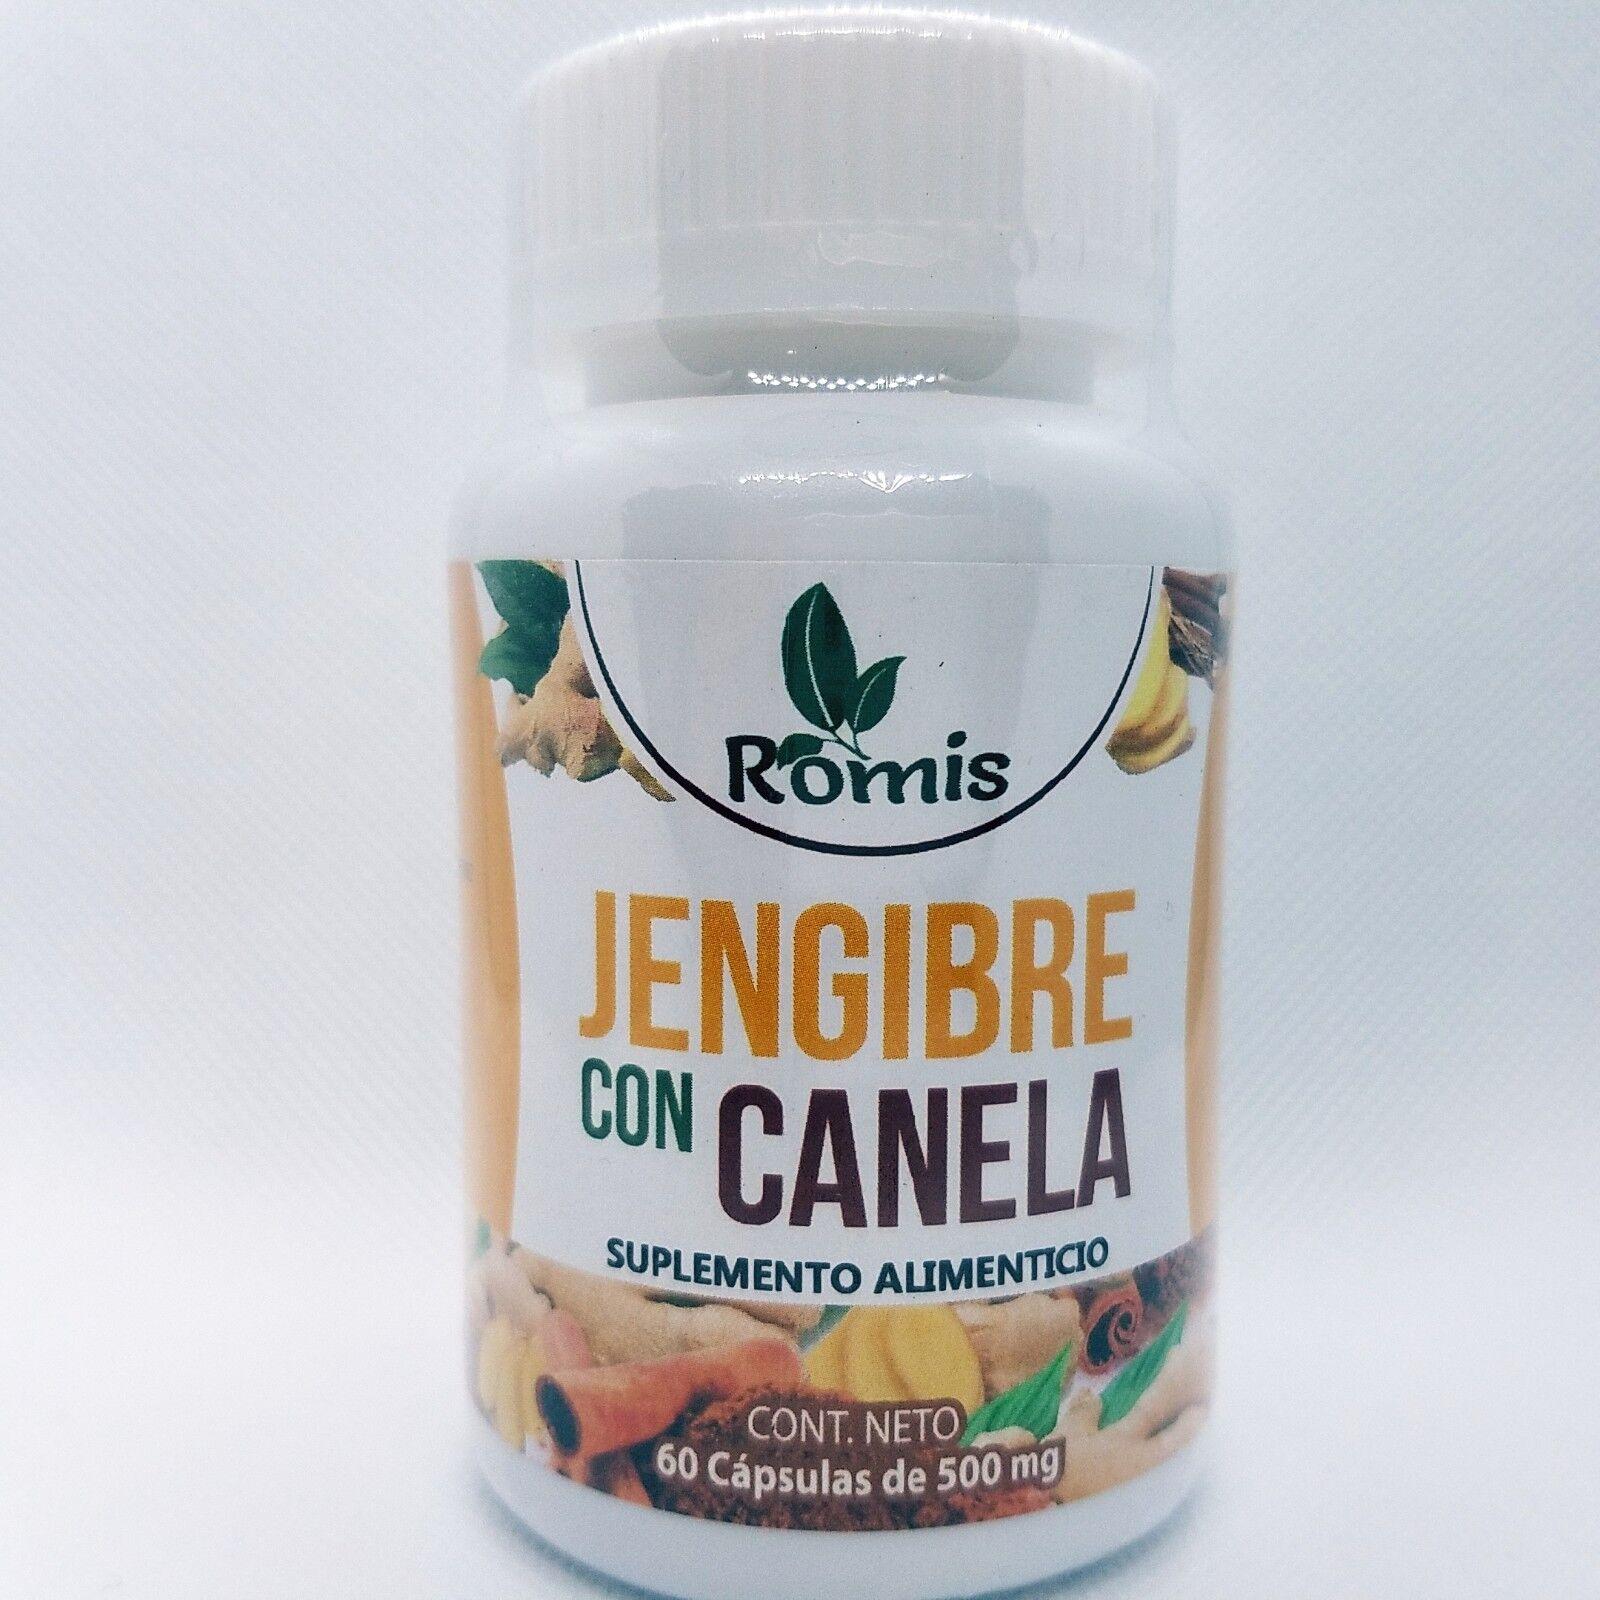 JENGIBRE & CANELA 60 CAPS 100% ORIGINAL WEIGHT LOSS GINGER BAJA PESO QUEMA GRASA